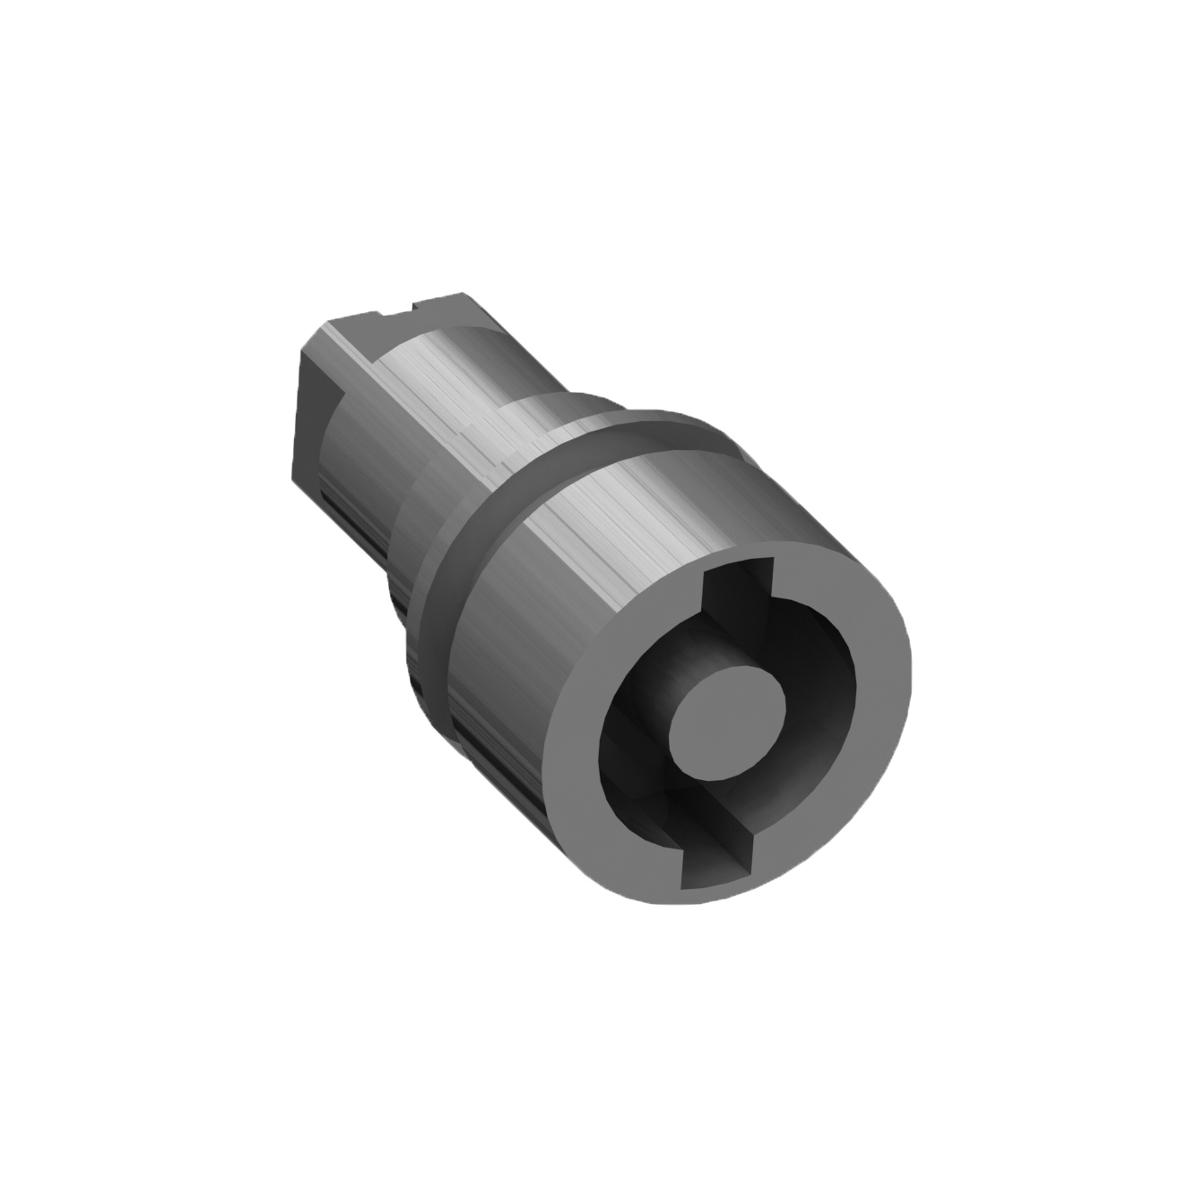 1 Stk Doppelbart-Einsatz 5mm für WST-Vorreiber WSTL3535--